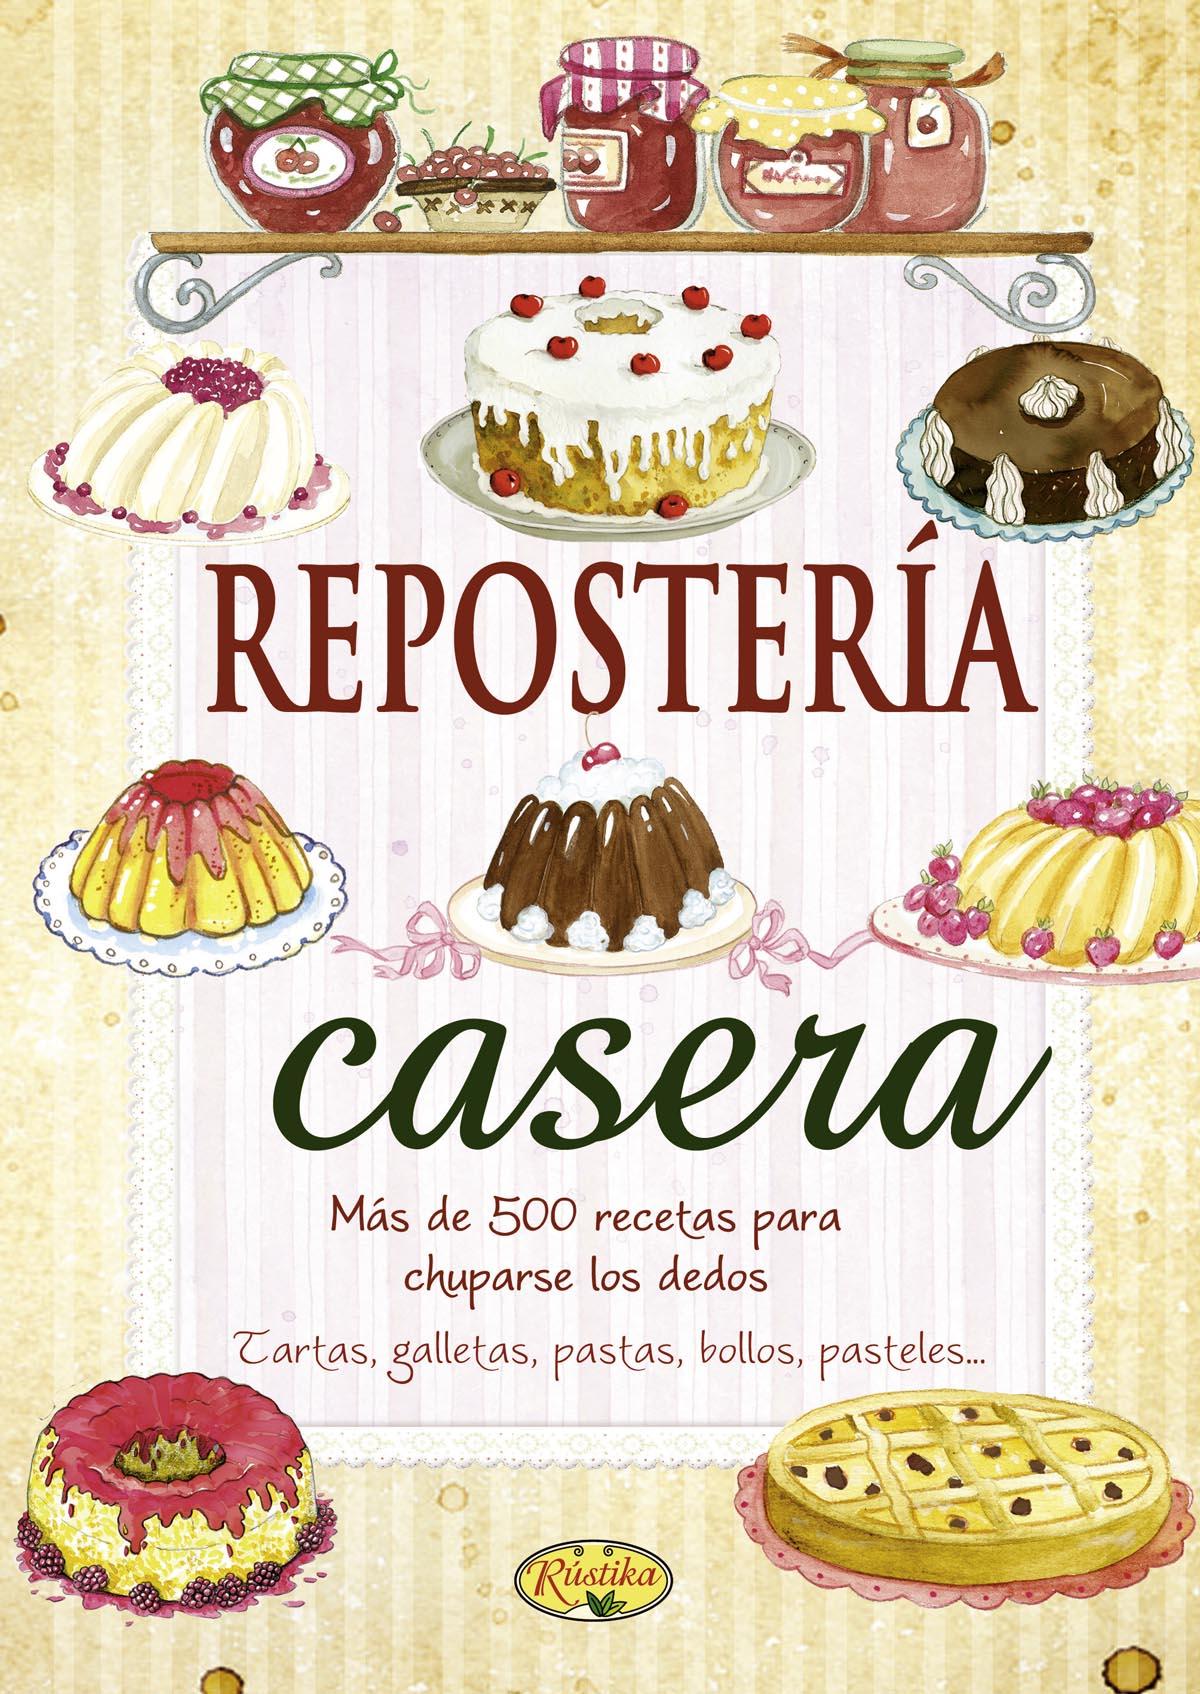 Recetas de cocina rustika todo libro libros for Cocina y reposteria